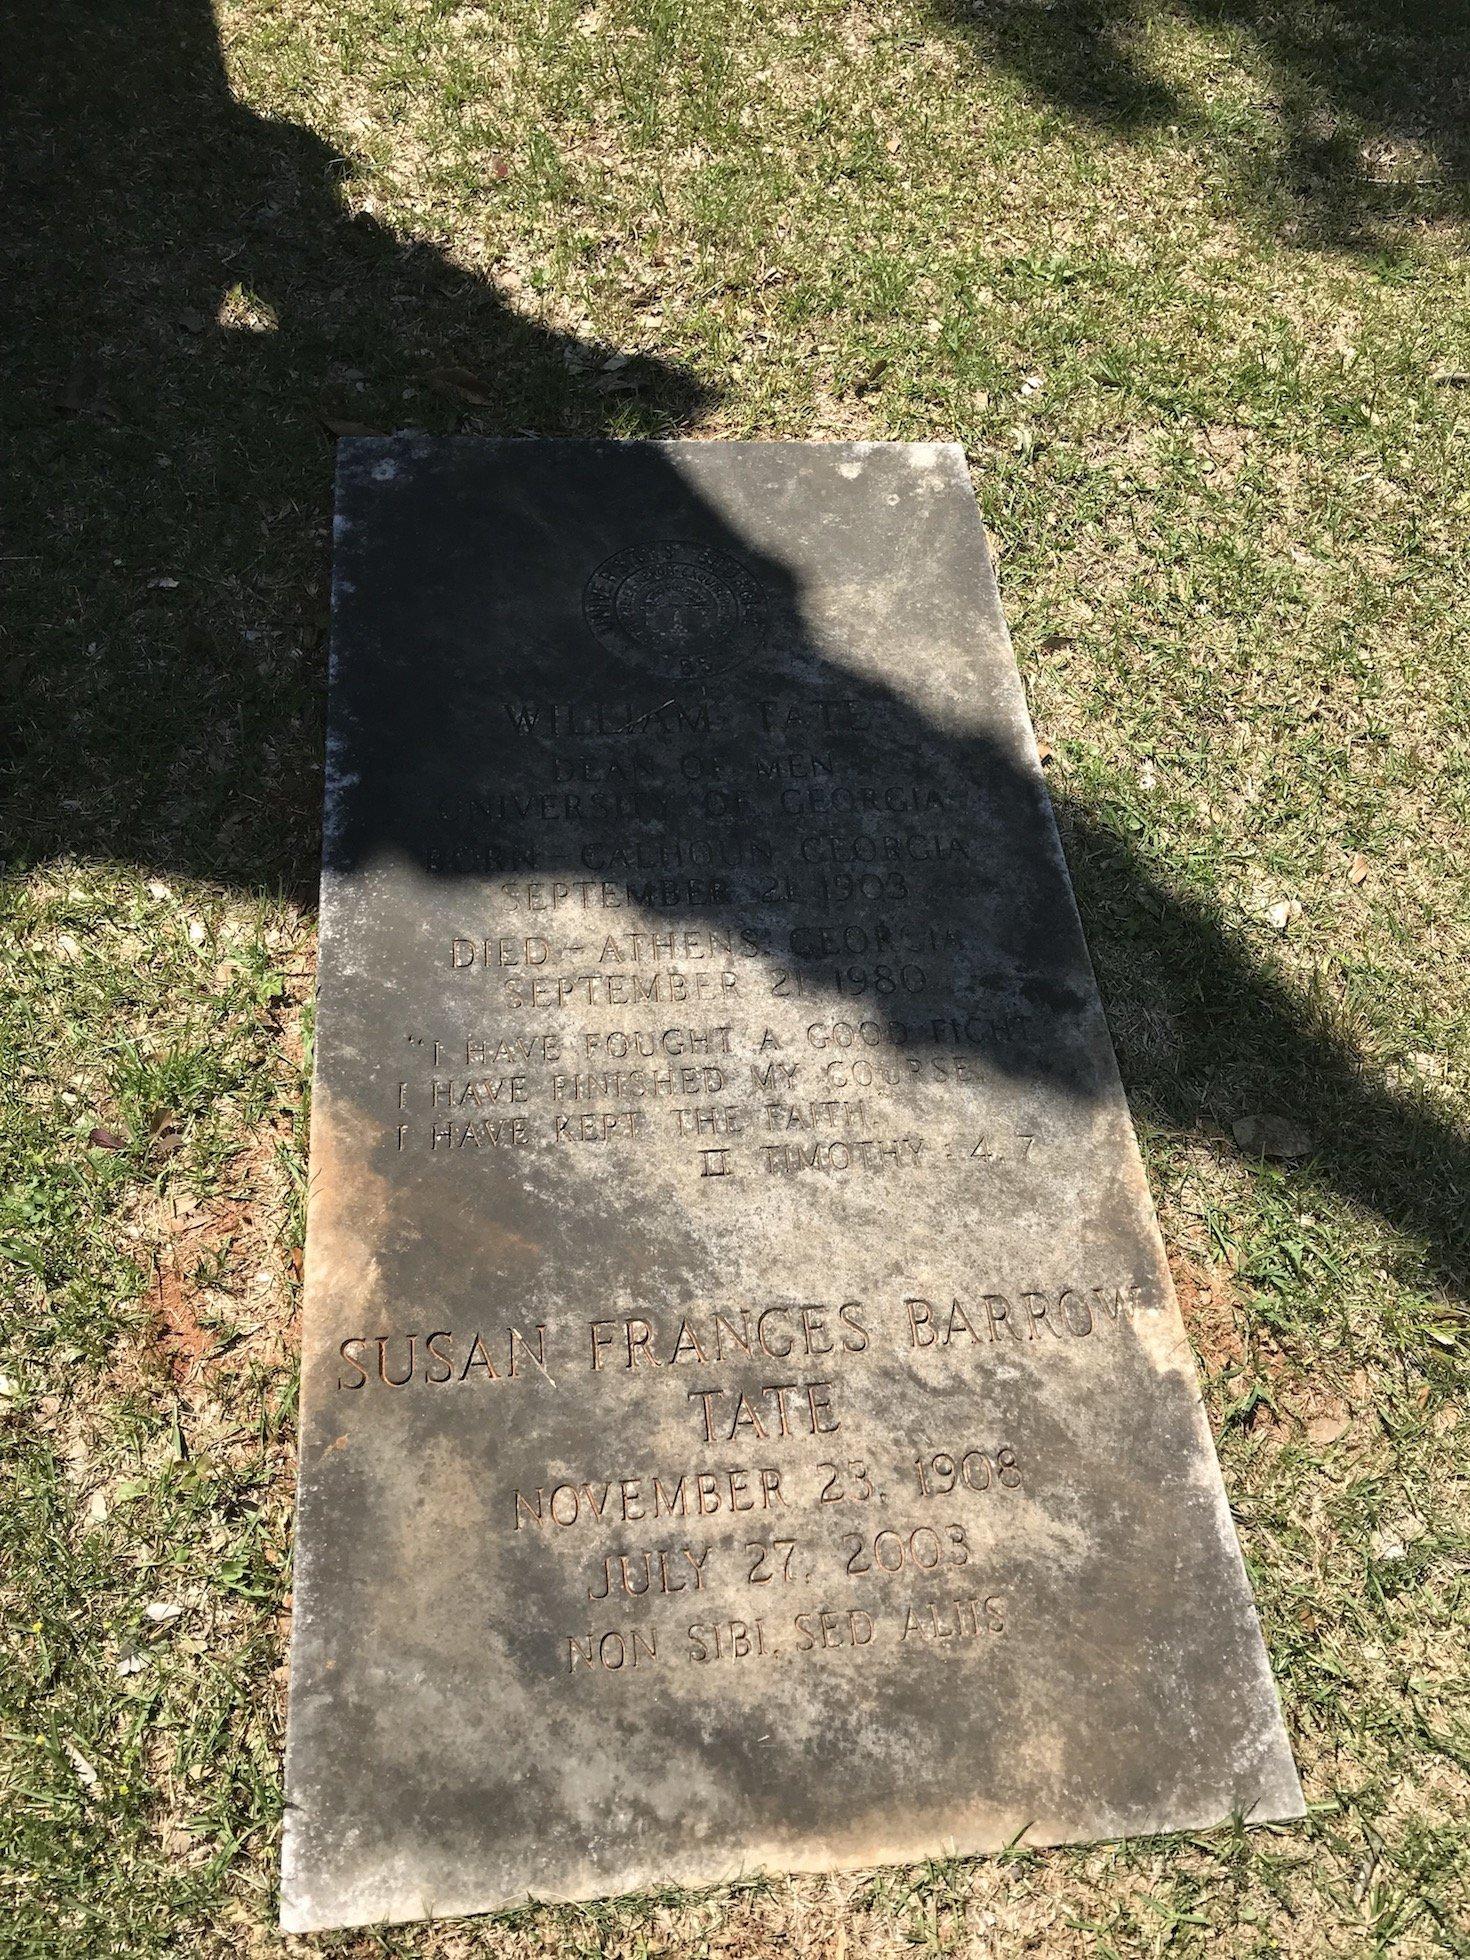 University of Georgia Dean William Tate grave site